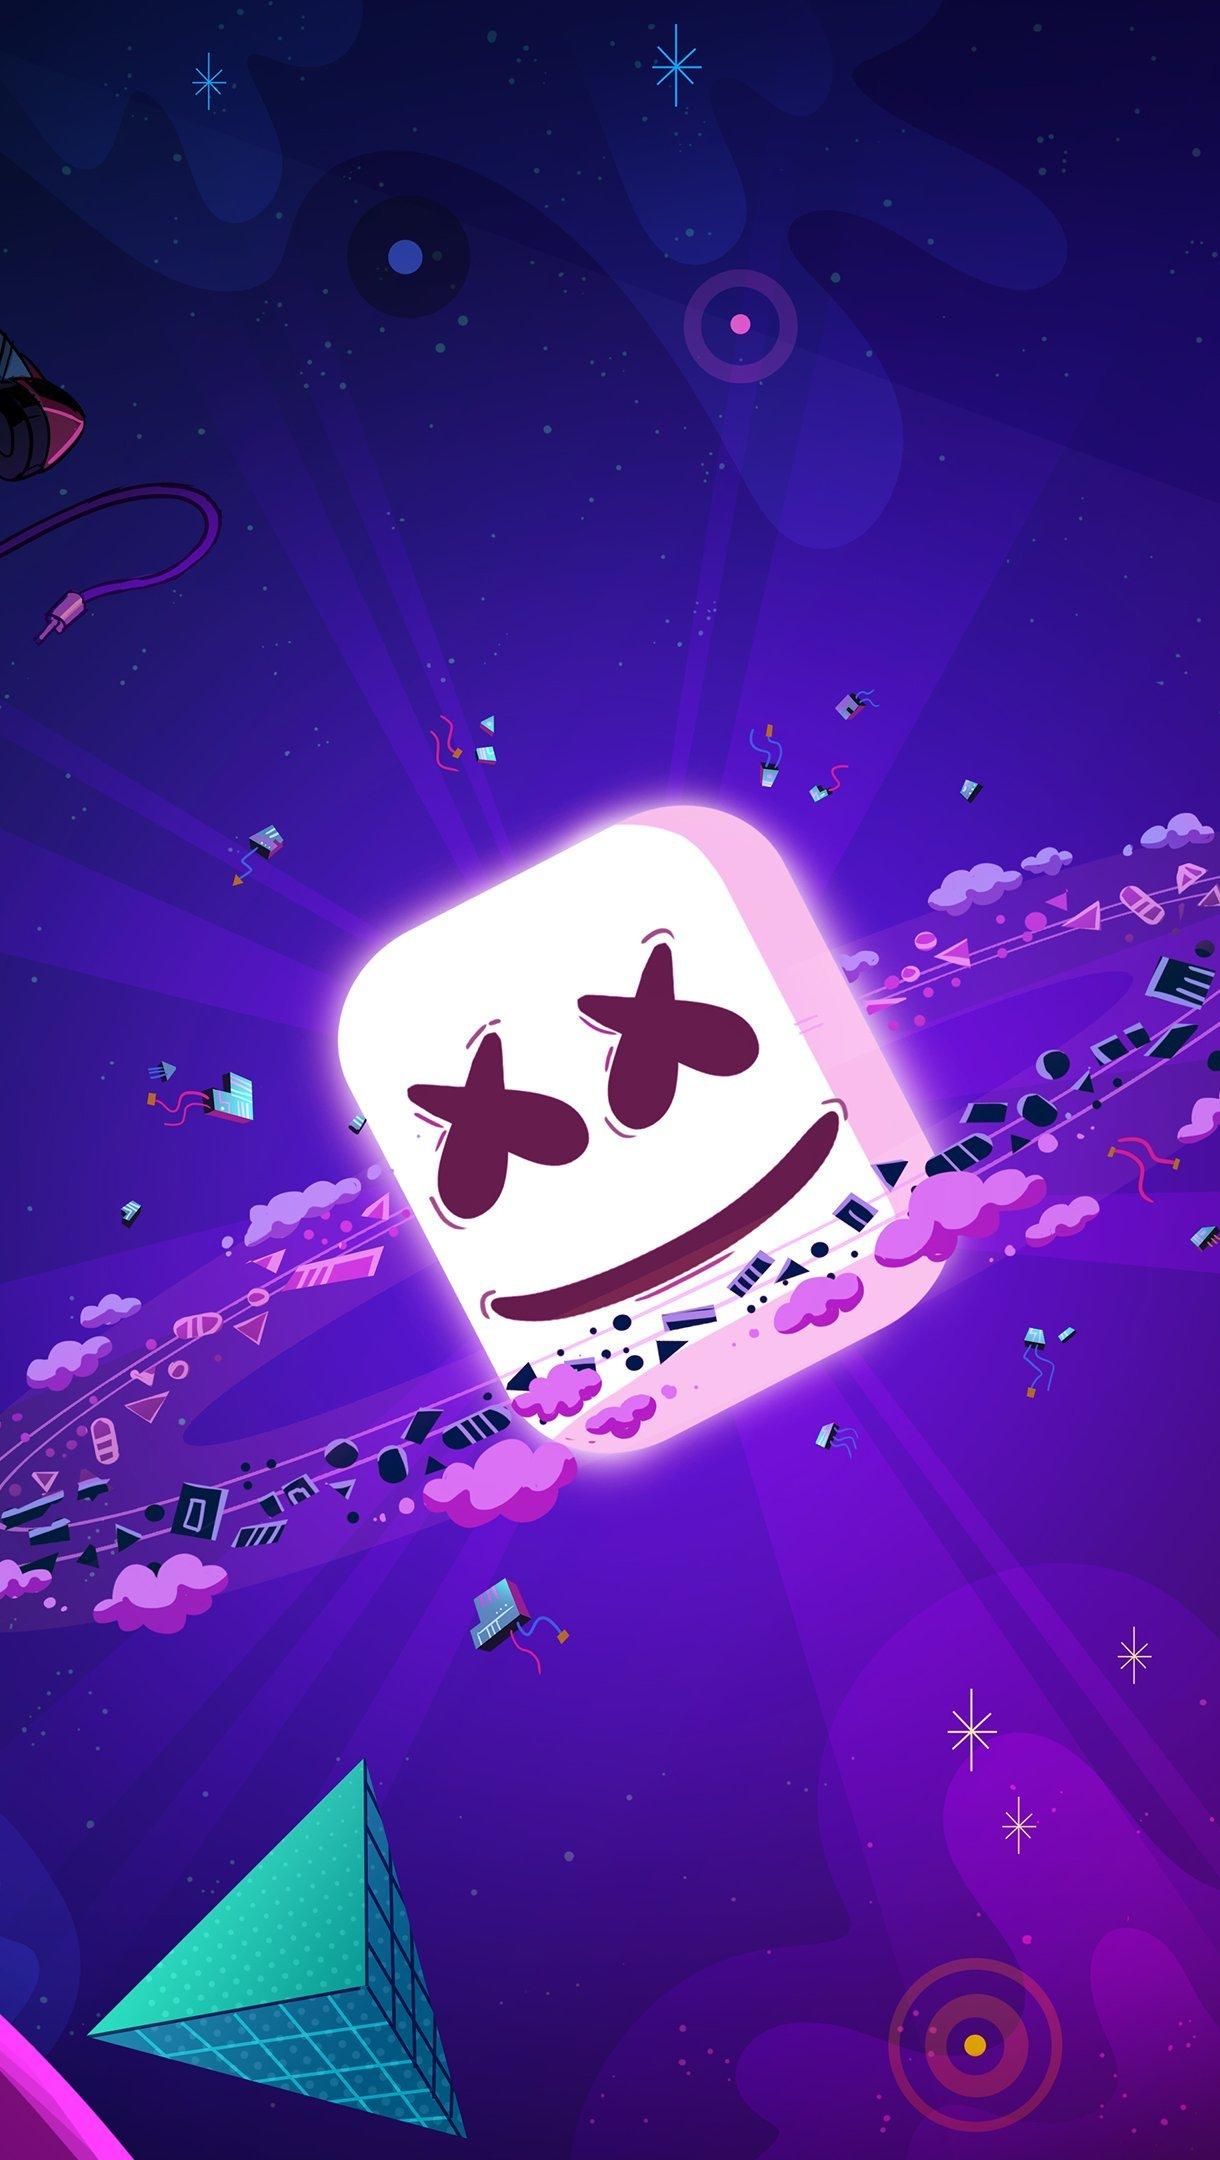 Fondos de pantalla DJ Marshmello Arte Ilustración Vertical